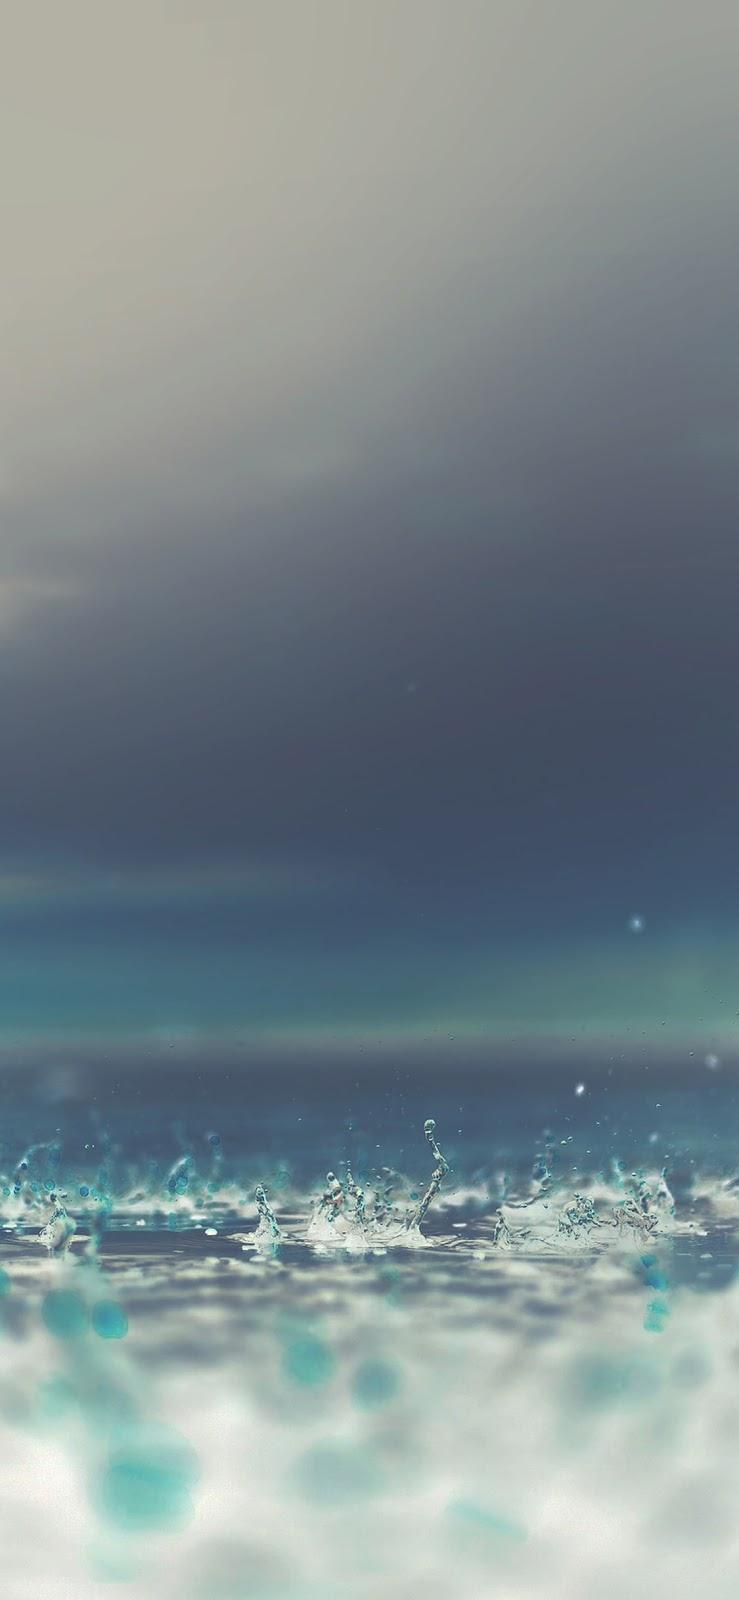 wallpaper iPhone, sfondi per iPhone, acqua, gocce, pioggia